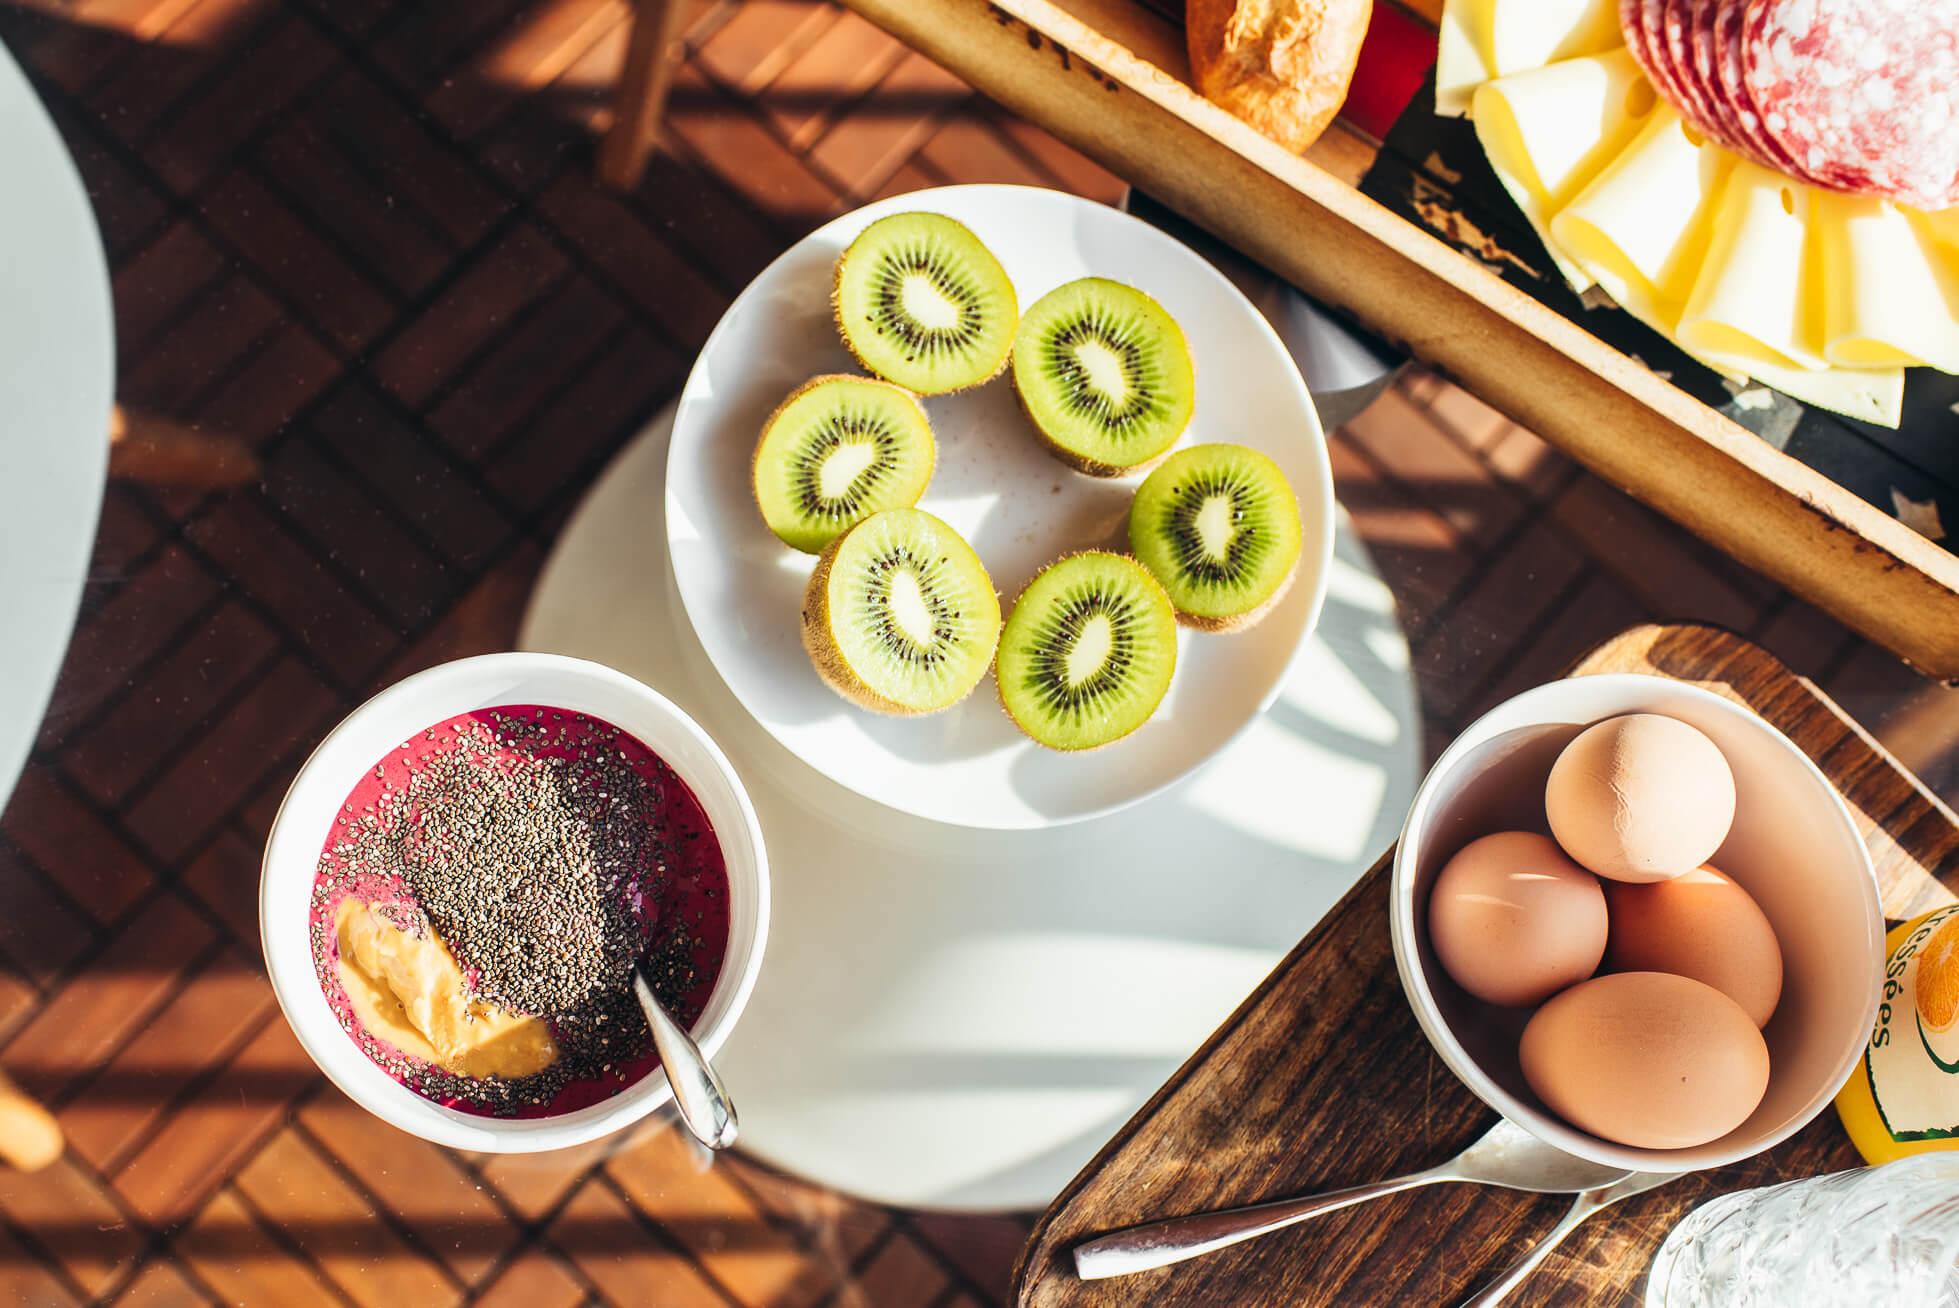 janni-deler-balcony-breakfastDSC_1098